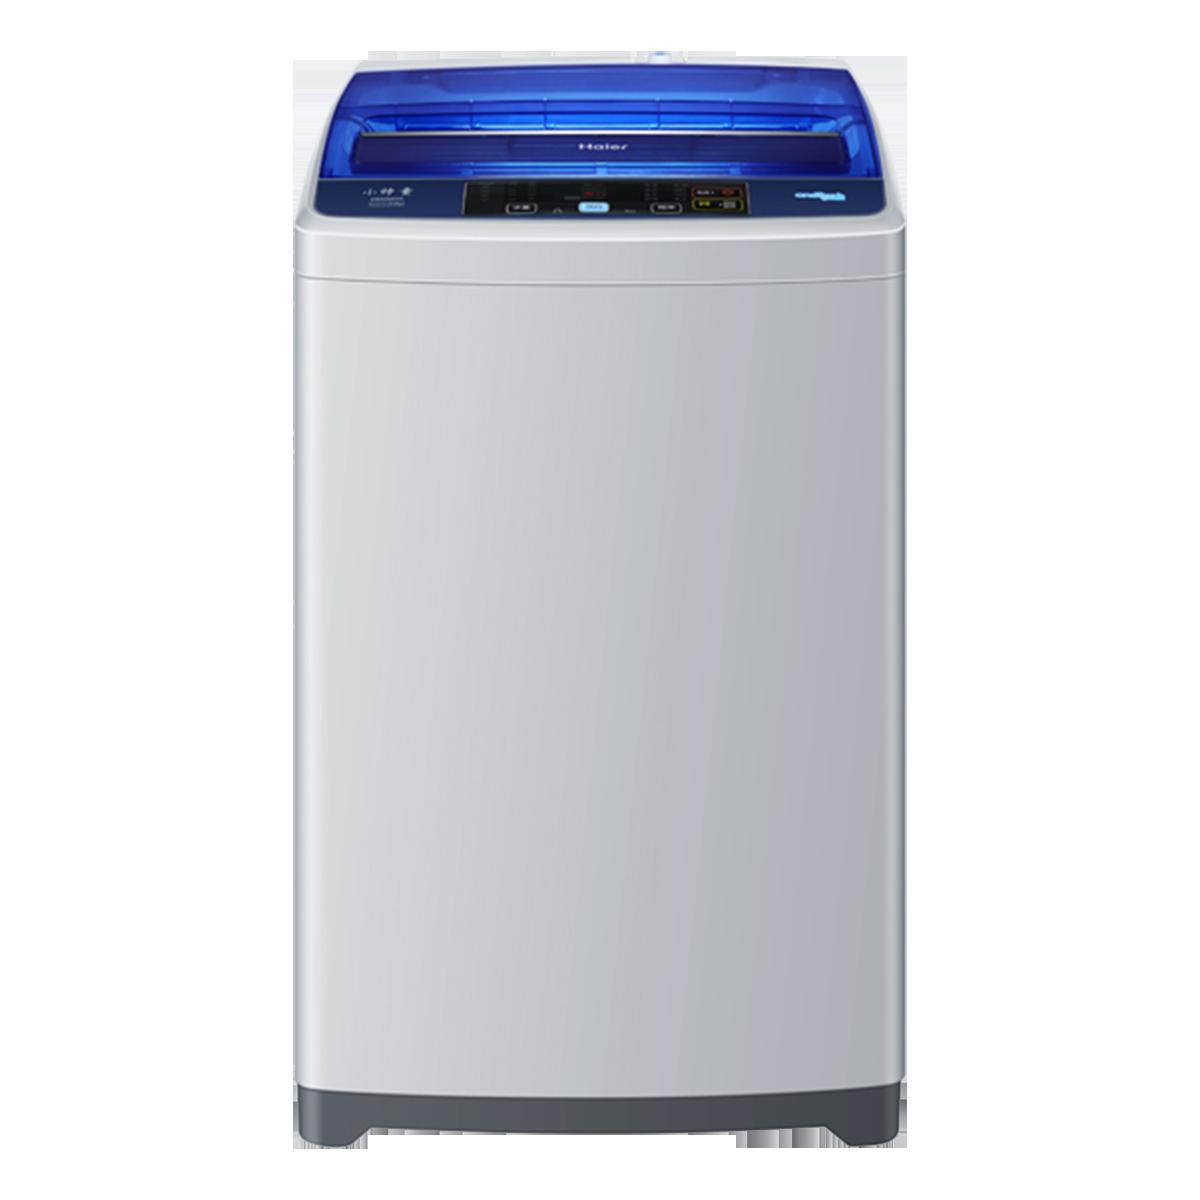 海尔Haier洗衣机 EB55M2W 说明书